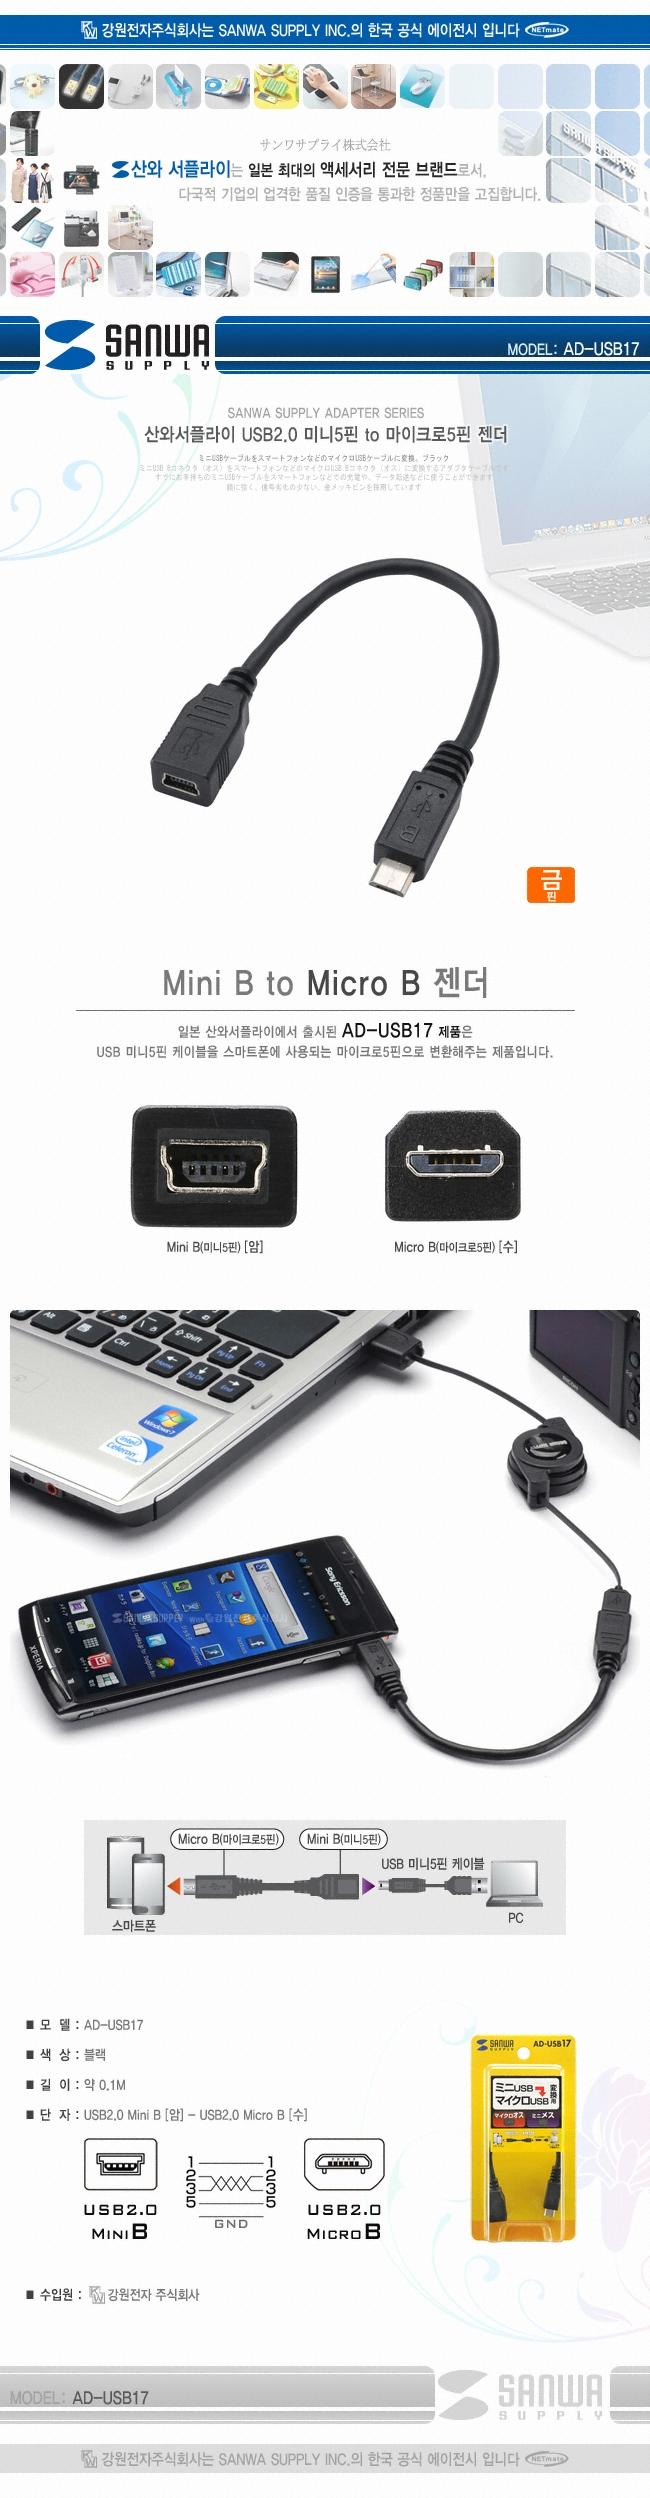 AD-USB17_01.jpg